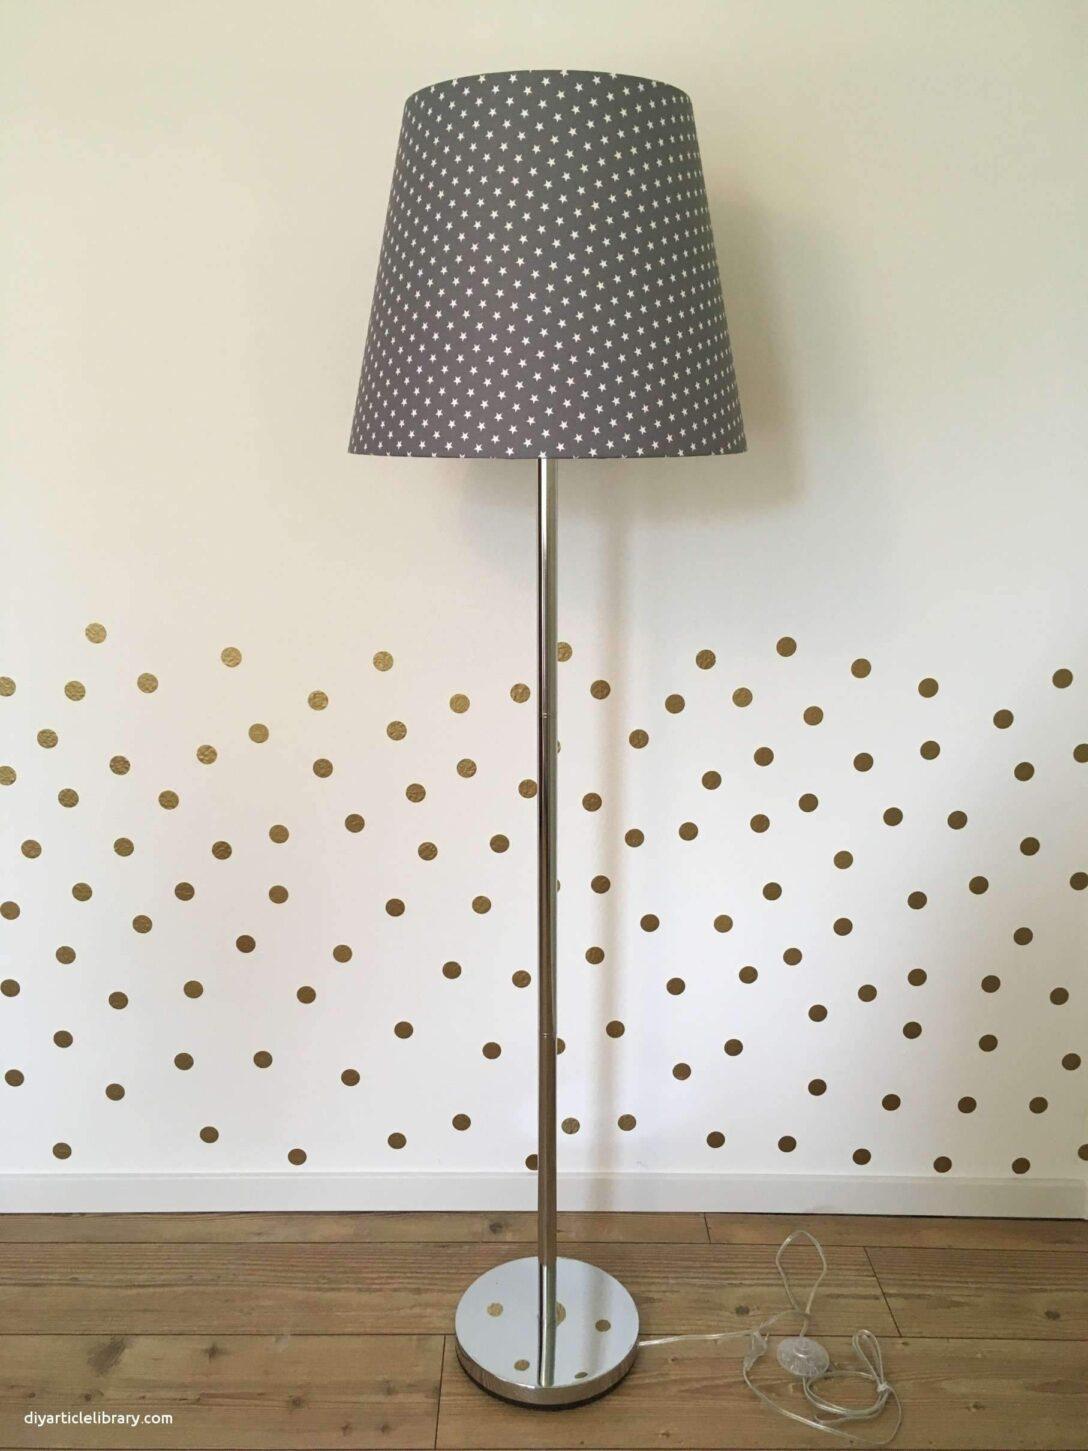 Large Size of Stehlampe Modern 34 Luxus Wohnzimmer Stehlampen Inspirierend Frisch Bilder Küche Holz Deckenleuchte Schlafzimmer Moderne Esstische Bett Design Esstisch Wohnzimmer Stehlampe Modern